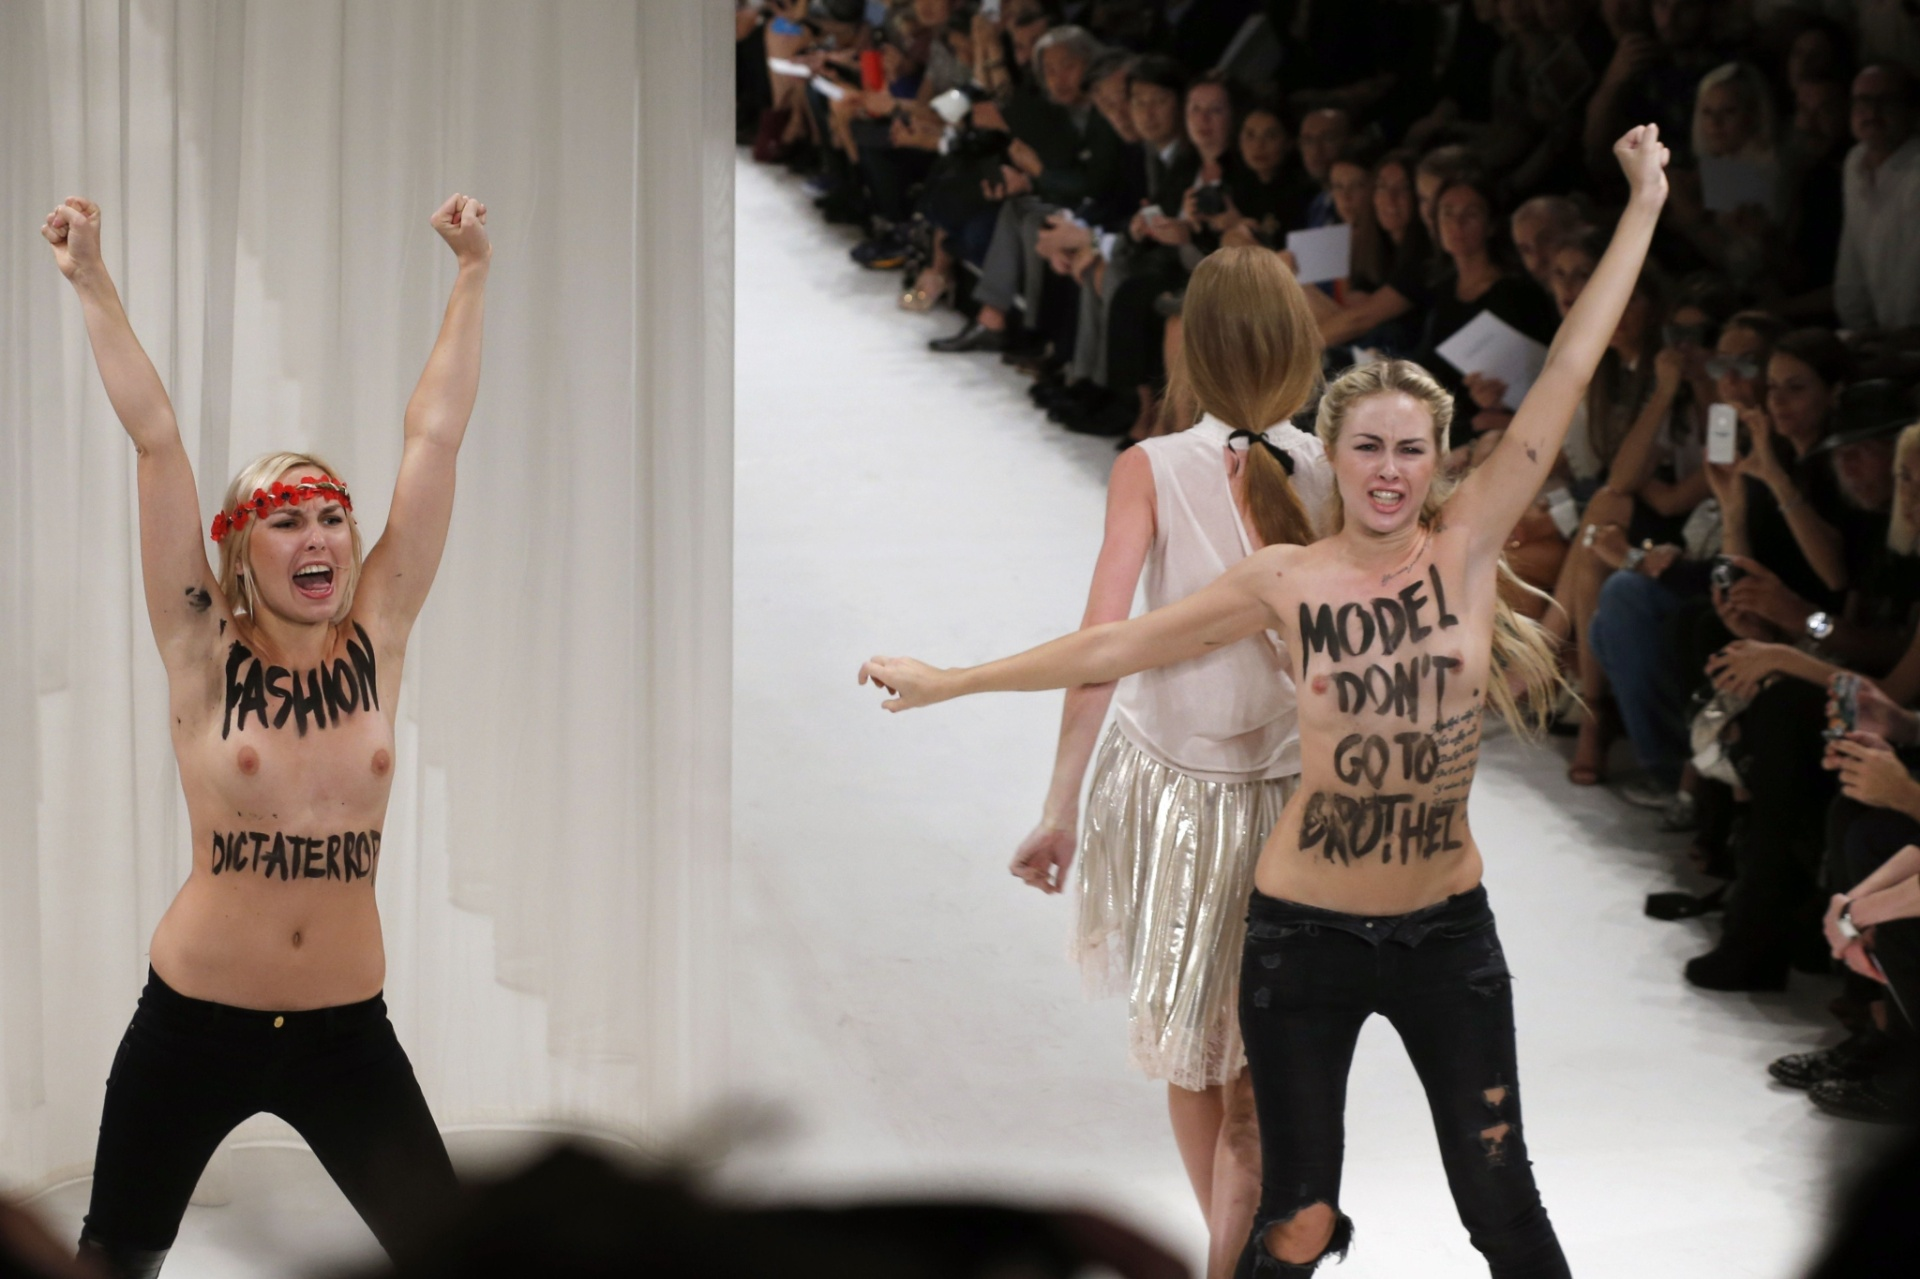 26.set.2013 - Nesta foto, outra manifestante se junta ao protesto com a frase